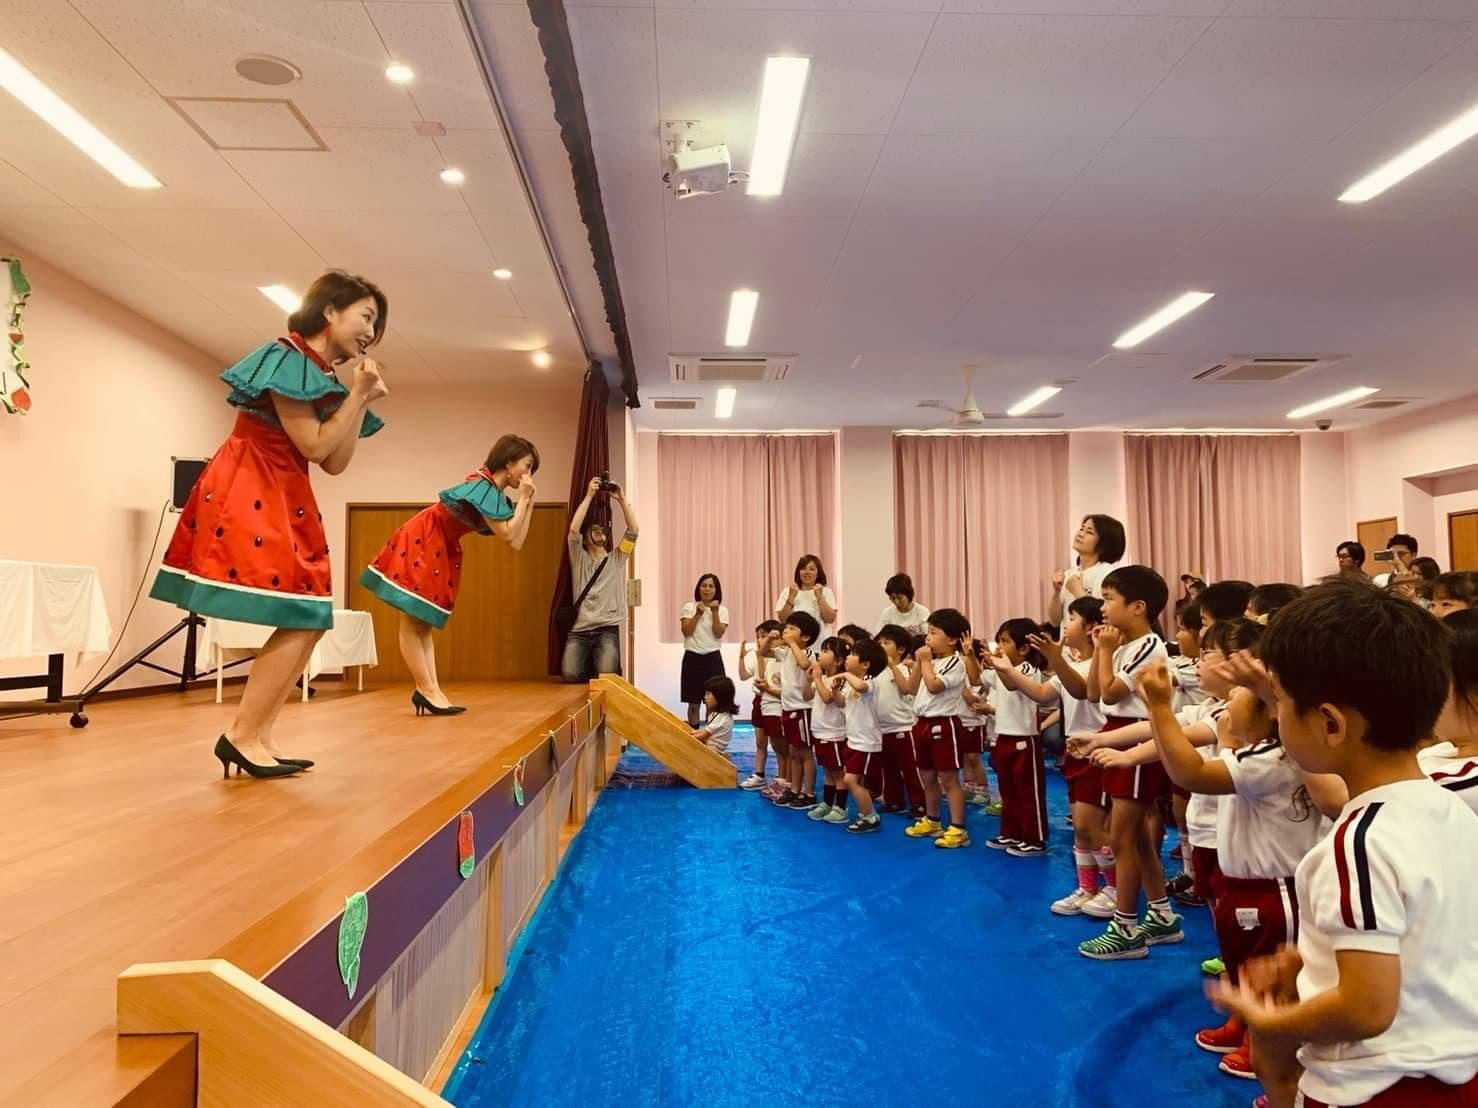 『スイカサンバ!』をこども達と踊ってスイカ丸ごとプレゼント企画!